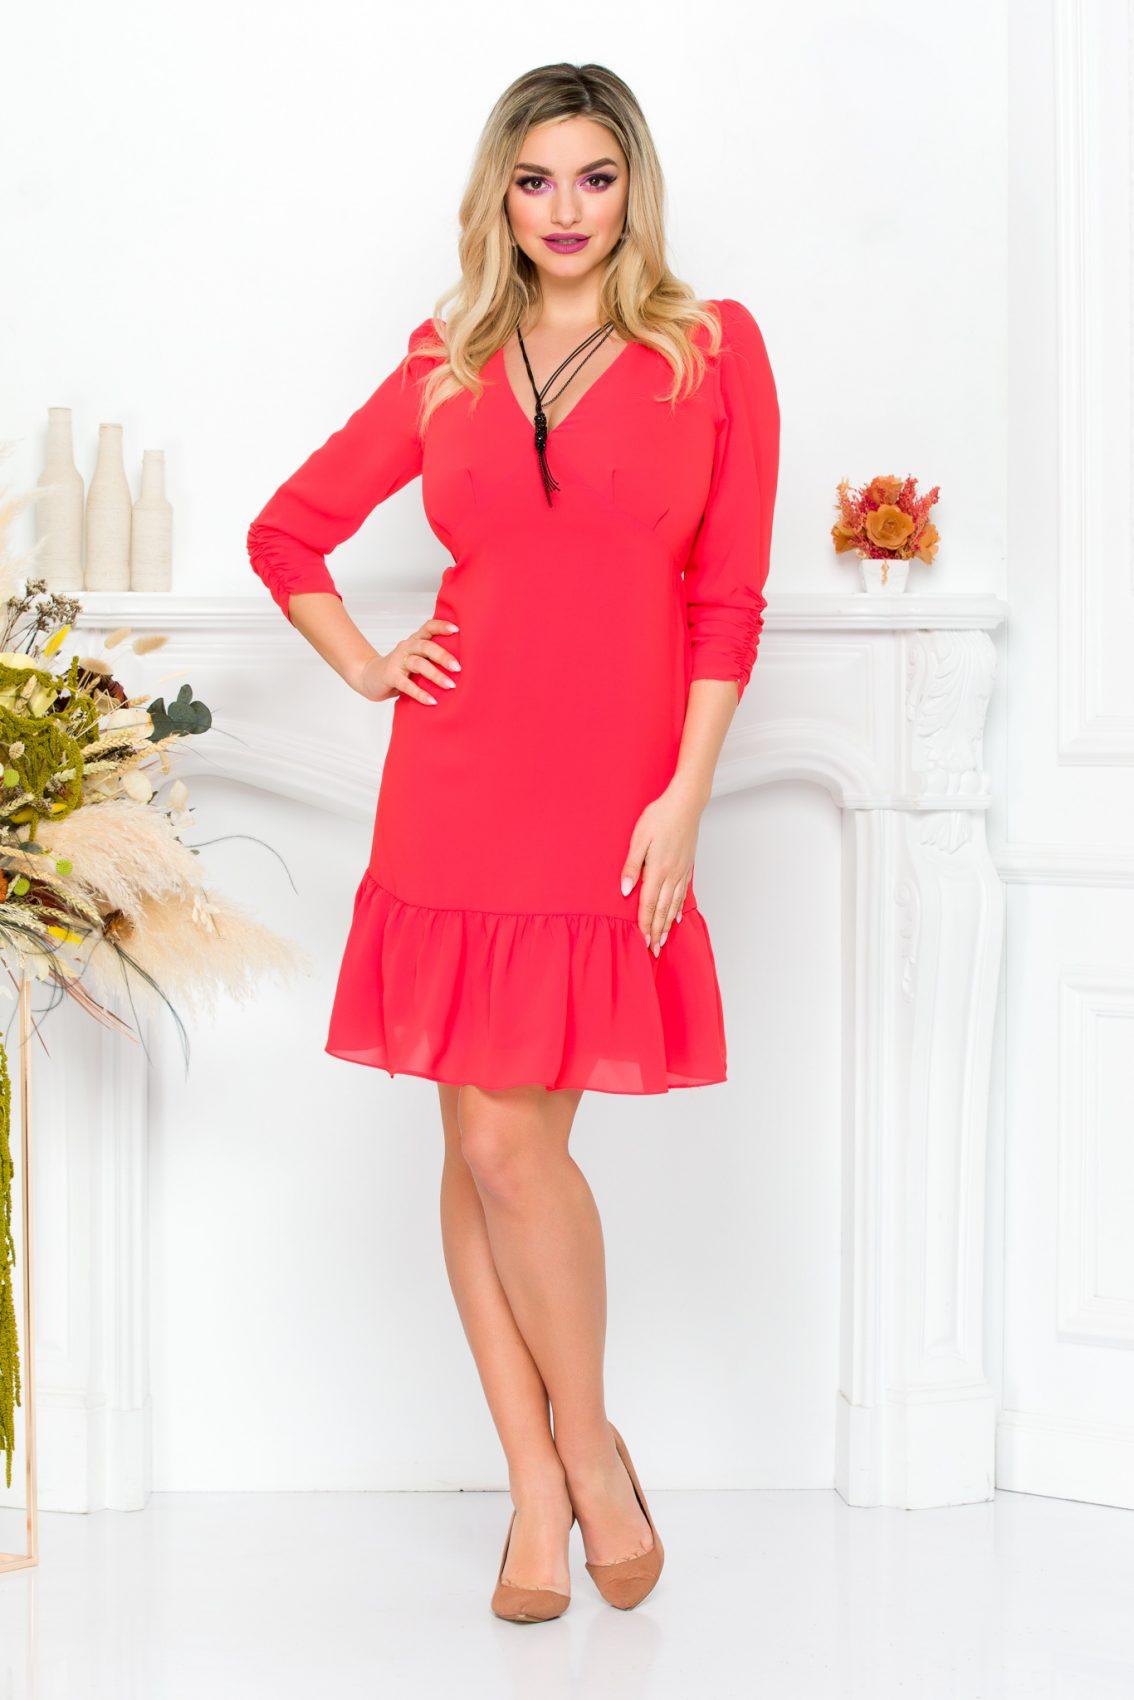 Κοράλι Φόρεμα Josephine 9237 2